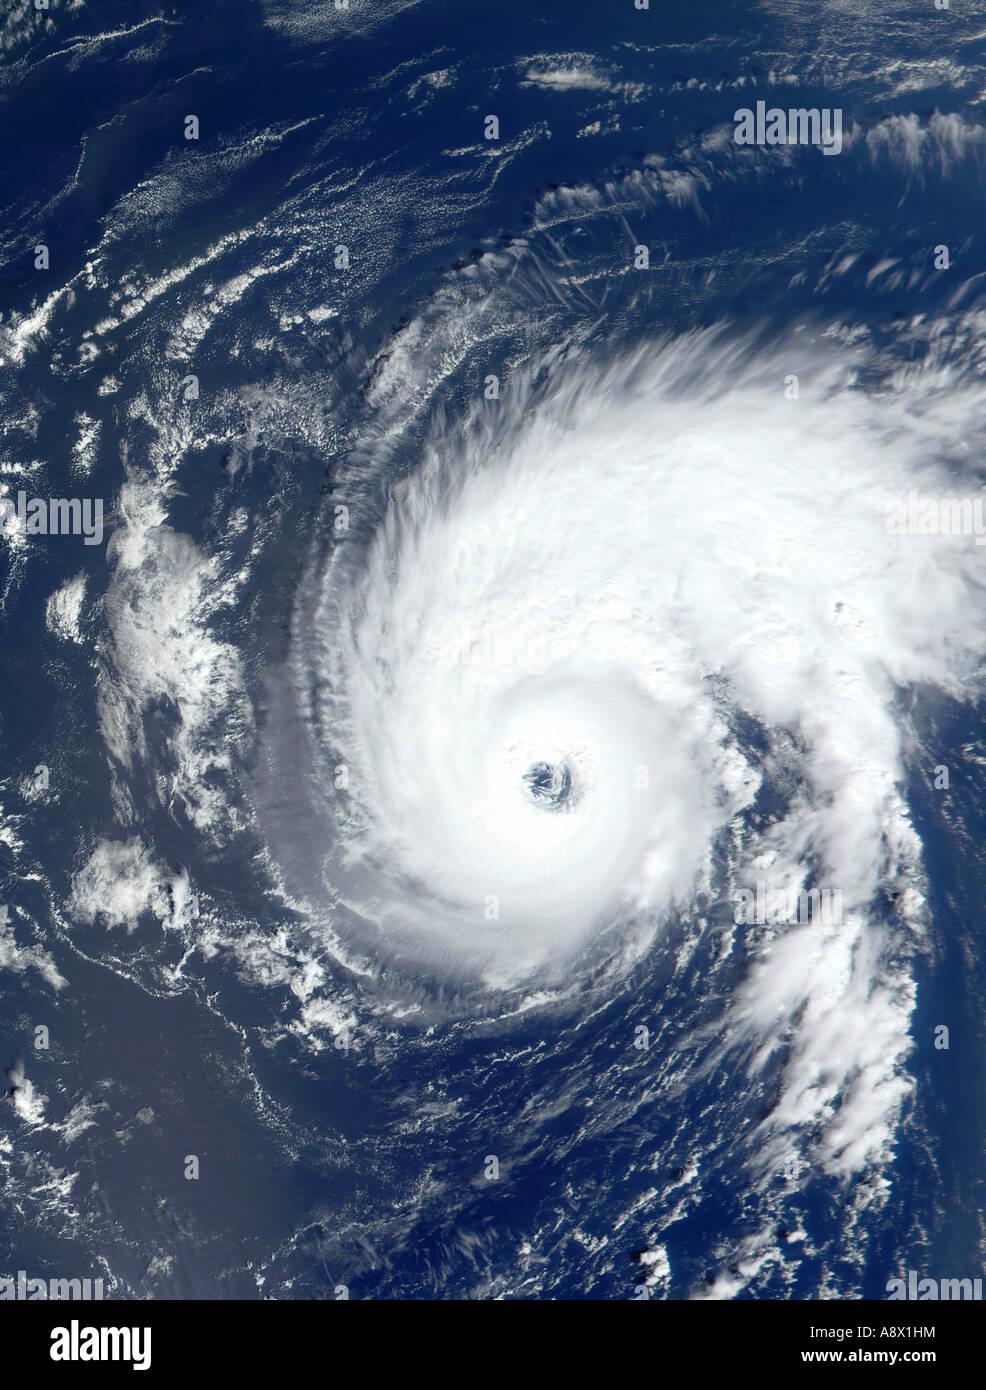 Hurrikan Erin östlich von Bermuda-Inseln, die aus dem Weltraum betrachtet Stockbild